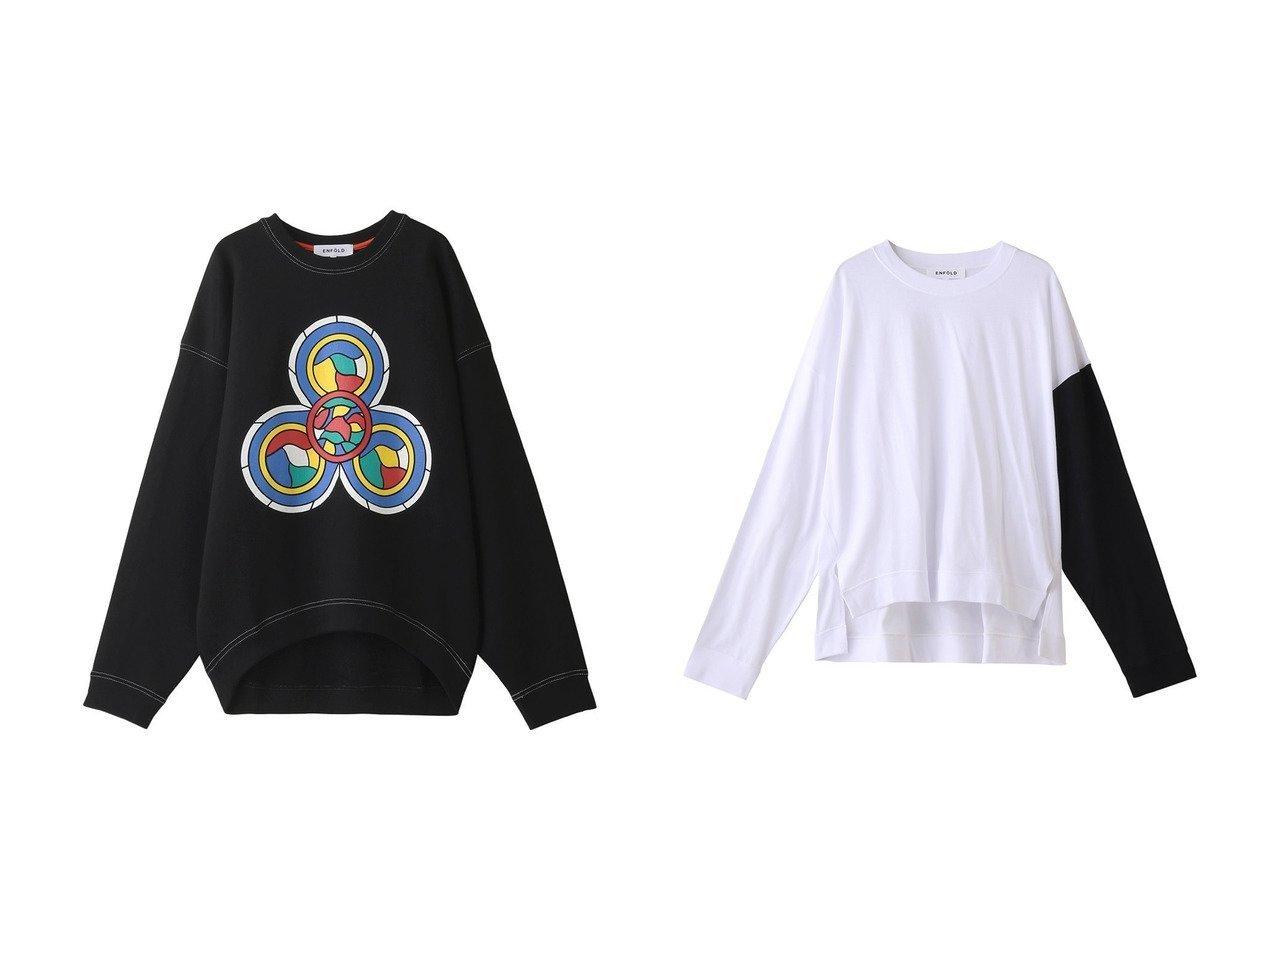 【ENFOLD/エンフォルド】のSainte chaptlle Big プルオーバー&ソフト天竺 ベーシックロンT 【トップス・カットソー】おすすめ!人気、トレンド・レディースファッションの通販 おすすめで人気の流行・トレンド、ファッションの通販商品 メンズファッション・キッズファッション・インテリア・家具・レディースファッション・服の通販 founy(ファニー) https://founy.com/ ファッション Fashion レディースファッション WOMEN トップス・カットソー Tops/Tshirt シャツ/ブラウス Shirts/Blouses ロング / Tシャツ T-Shirts プルオーバー Pullover カットソー Cut and Sewn スウェット スリーブ フロント プリント リラックス ロング  ID:crp329100000032689